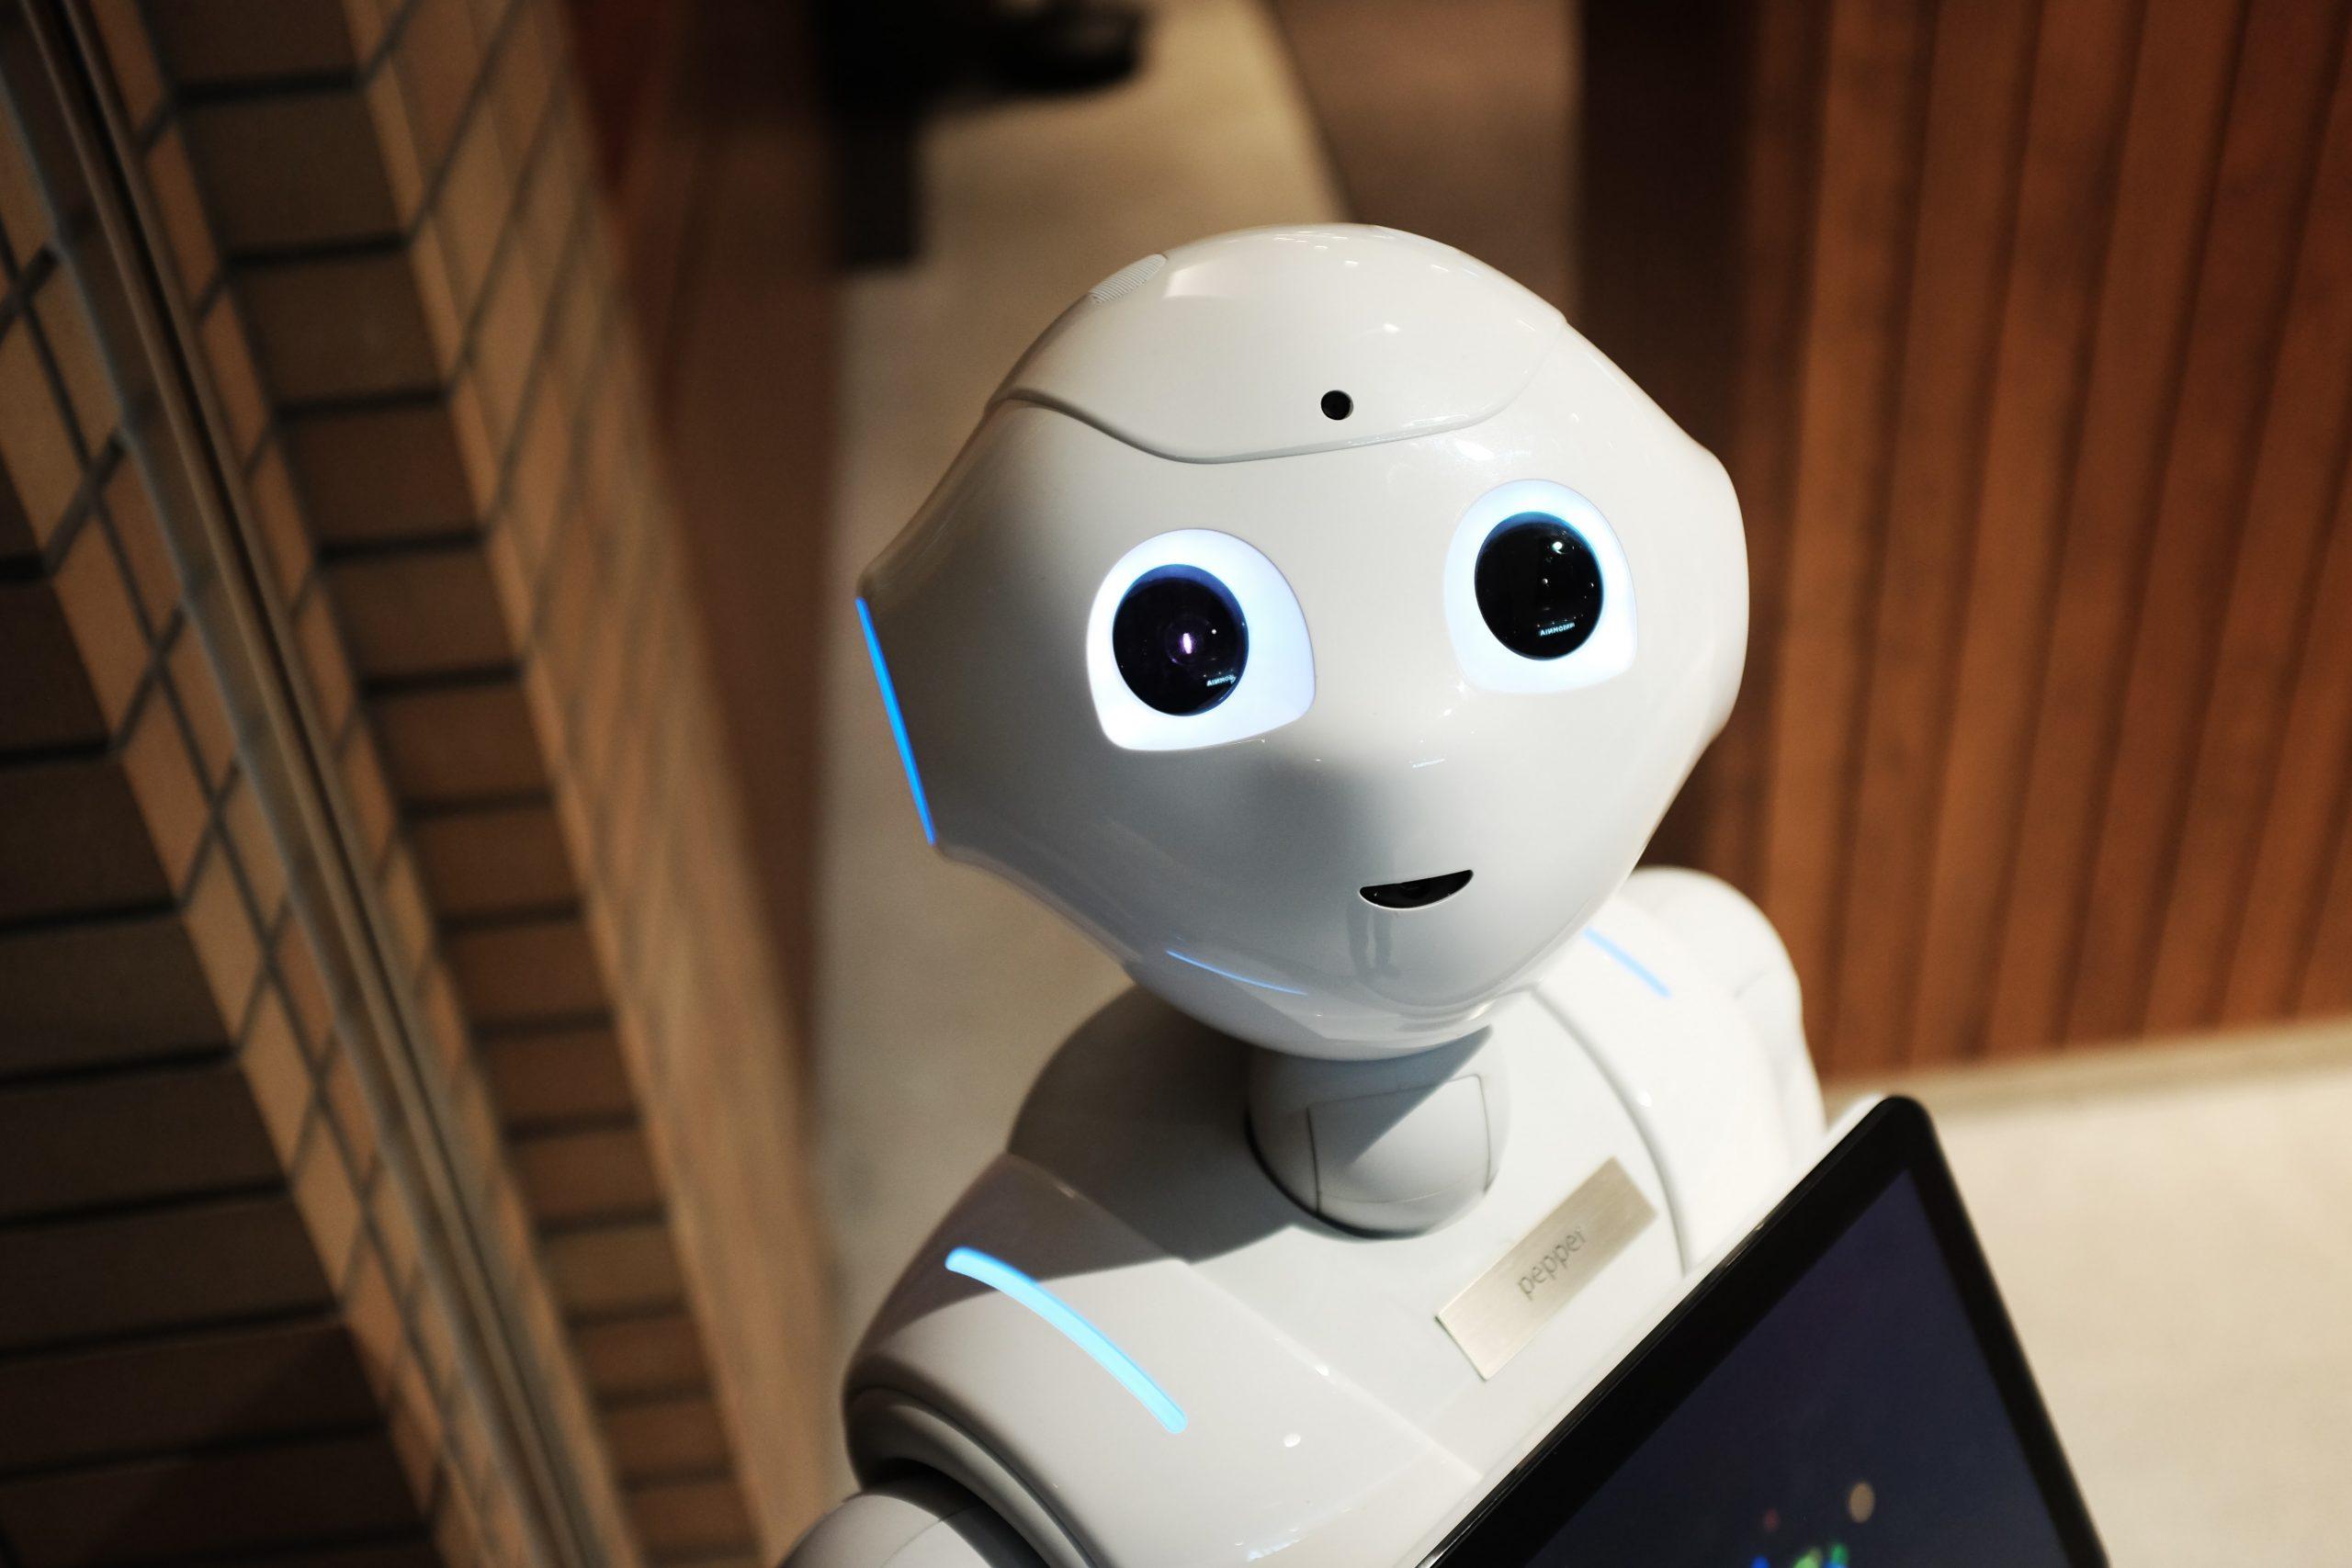 shopify robots txt file